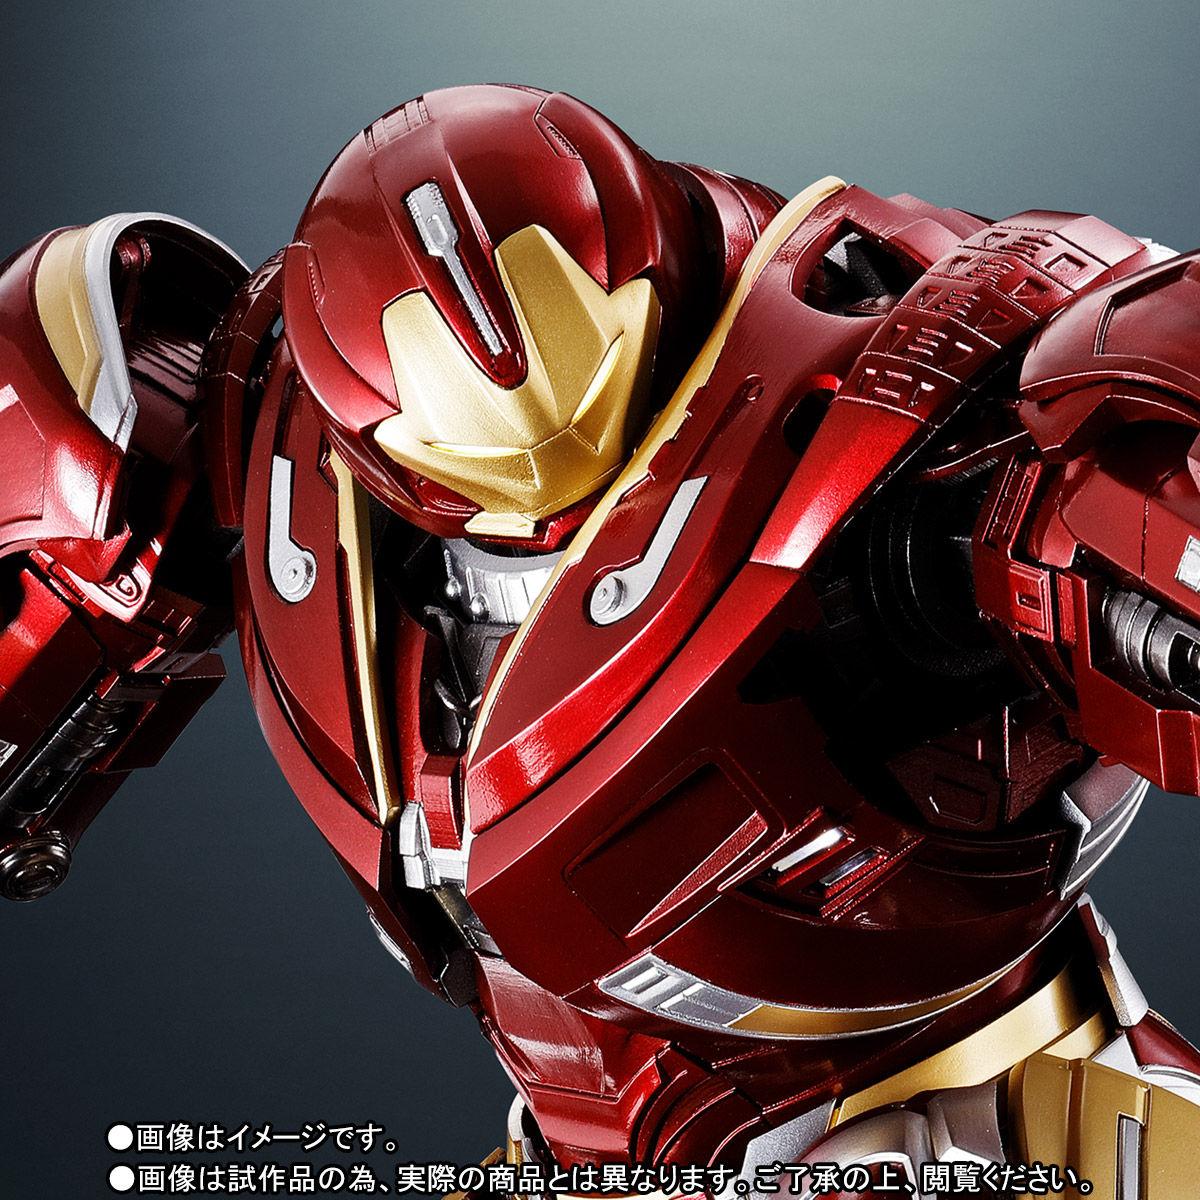 超合金×S.H.Figuarts『ハルクバスター マーク2 アベンジャーズ/インフィニティ・ウォー』可動フィギュア-001